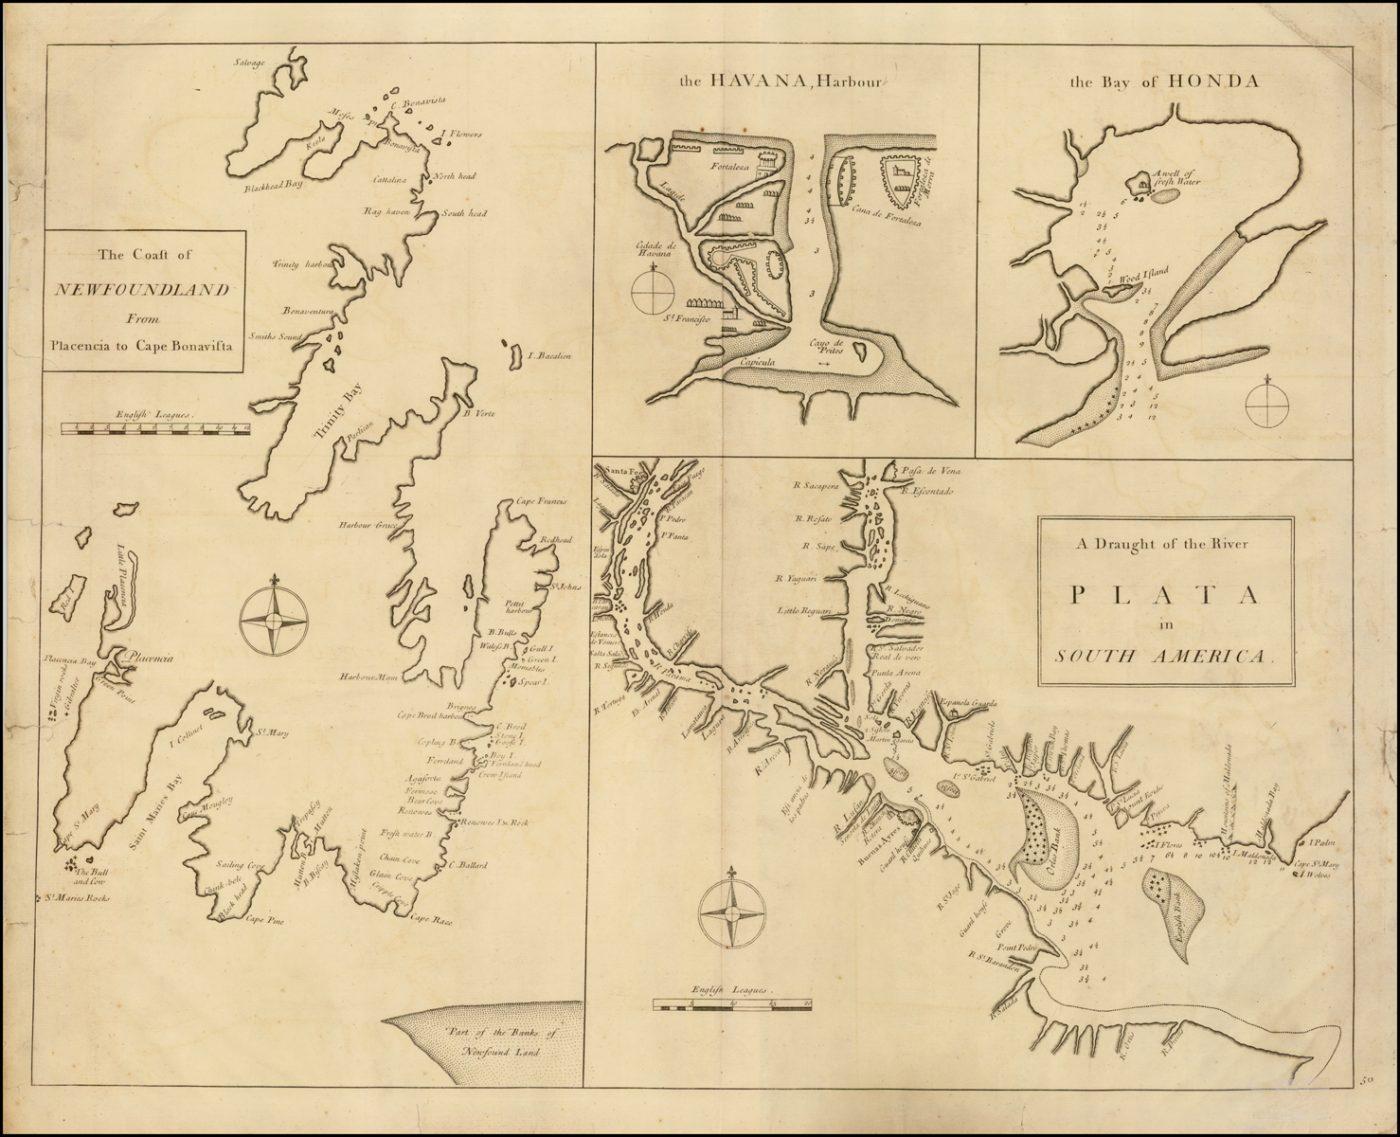 Редкая морская карта портов Северной и Южной Америки из влиятельного Атласа Maritimus et Commercialis